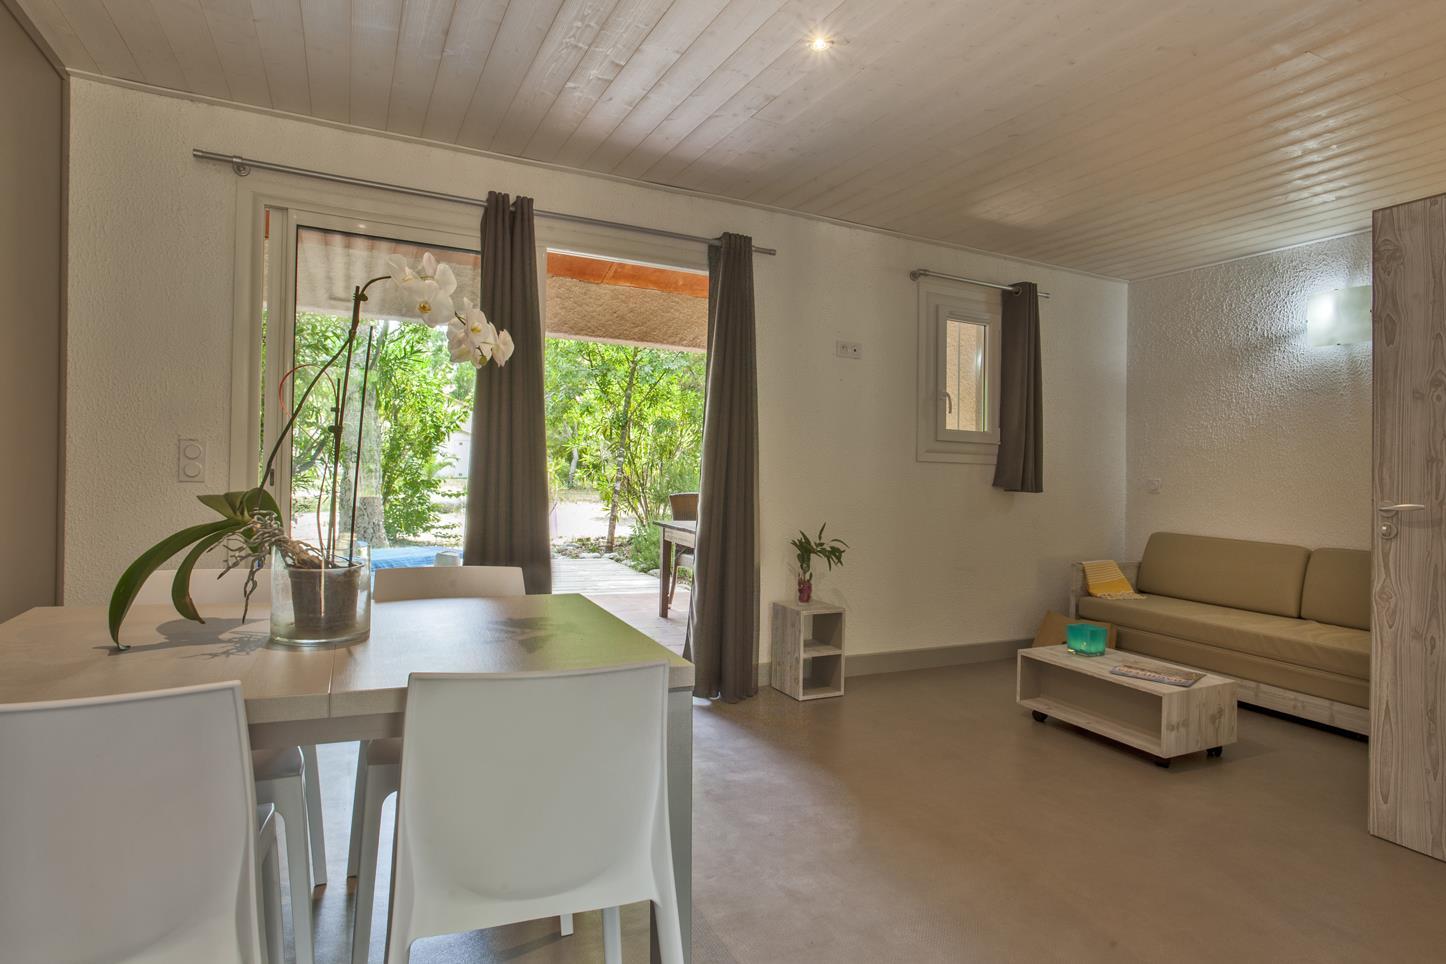 Location - Villa Type Cng Rénové (1 Chambre) - Domaine naturiste de Bagheera